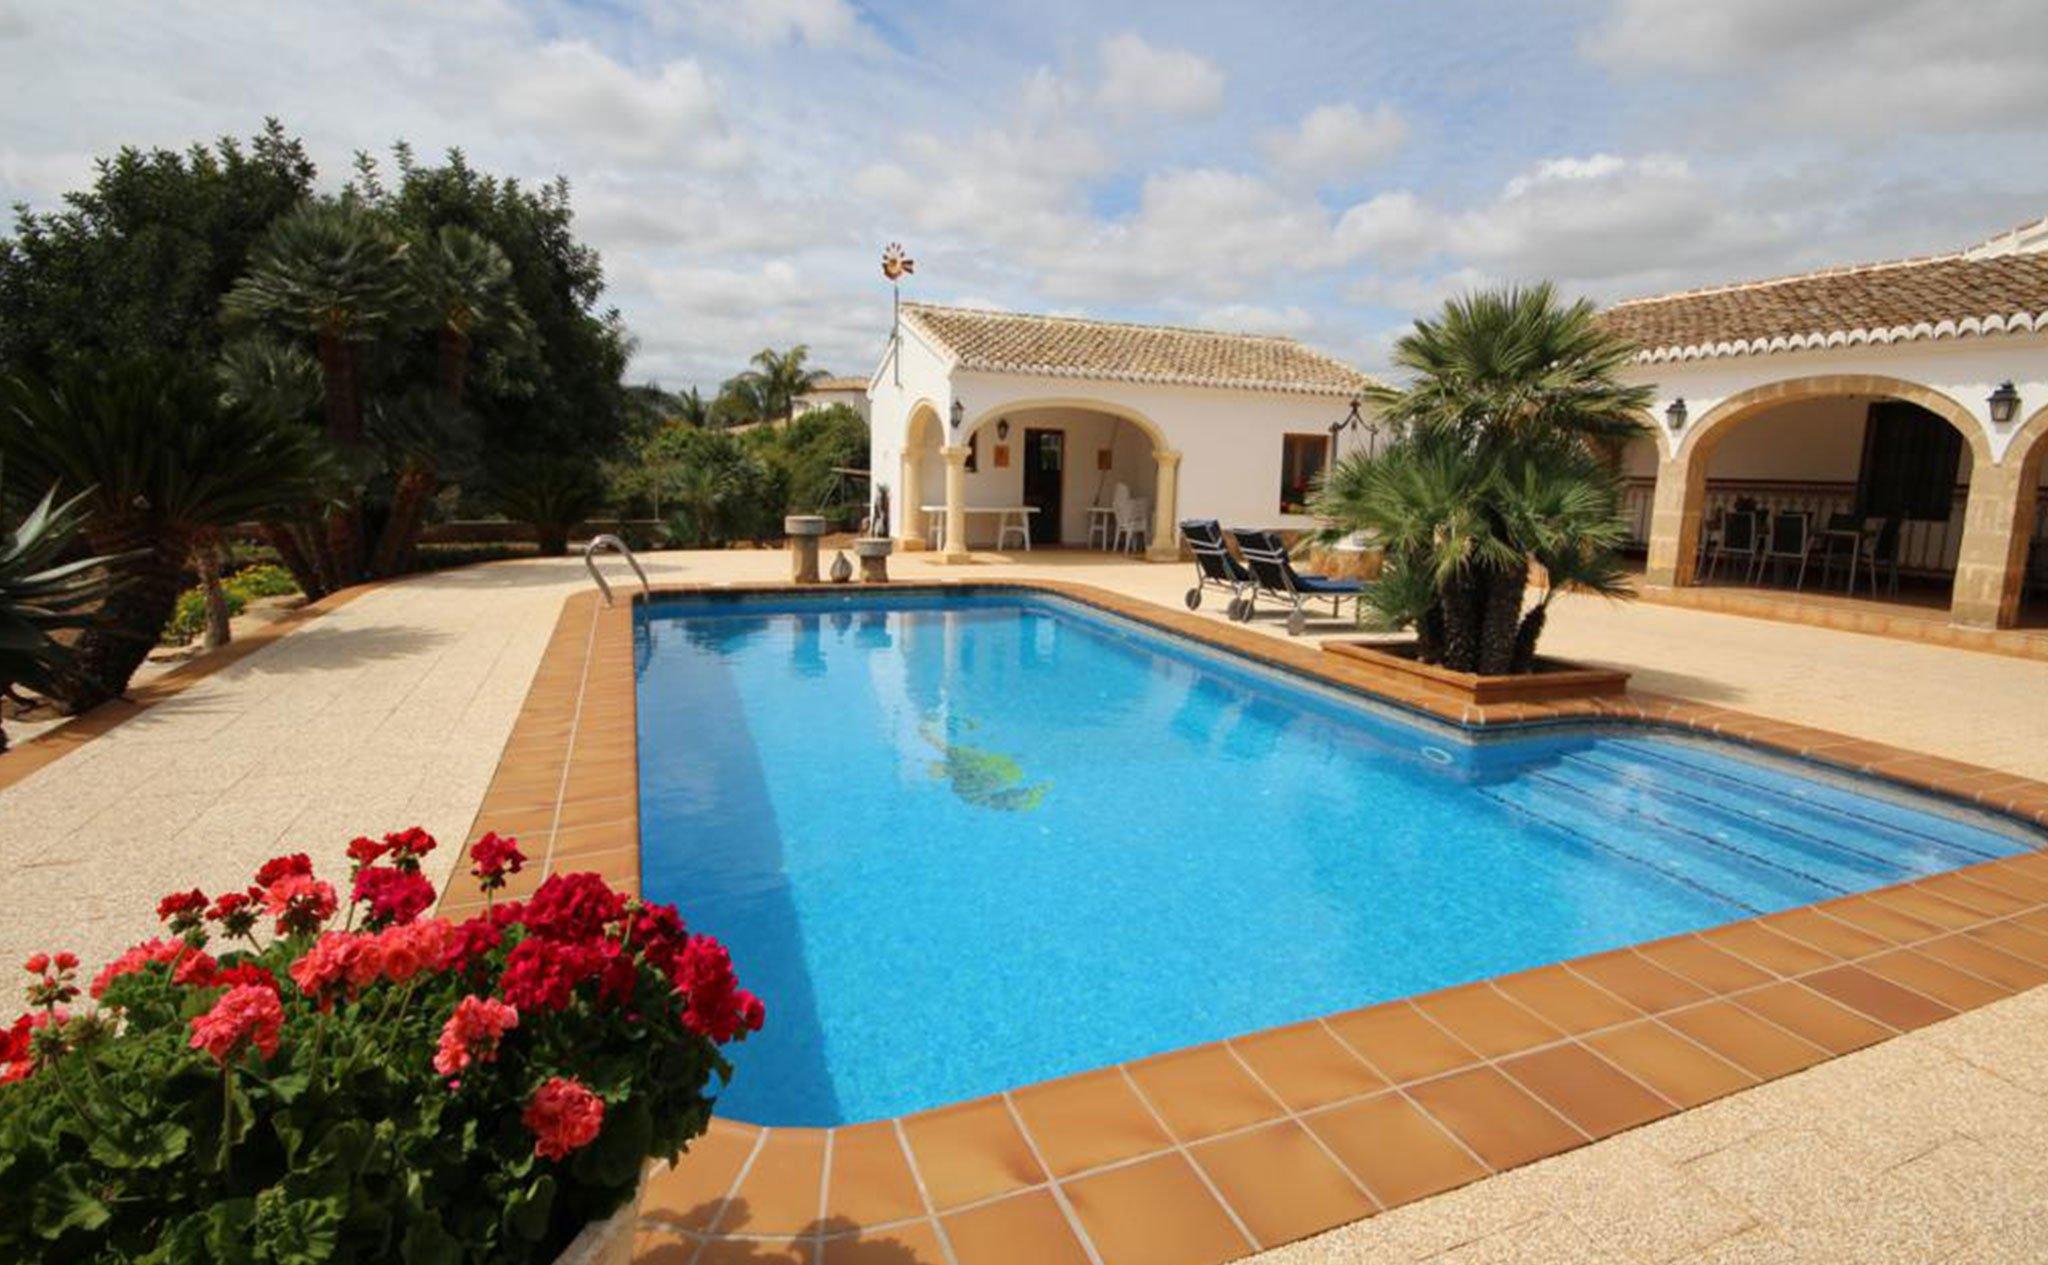 Piscina de una casa mediterránea con apartamento de invitados en Jávea – Atina Inmobiliaria